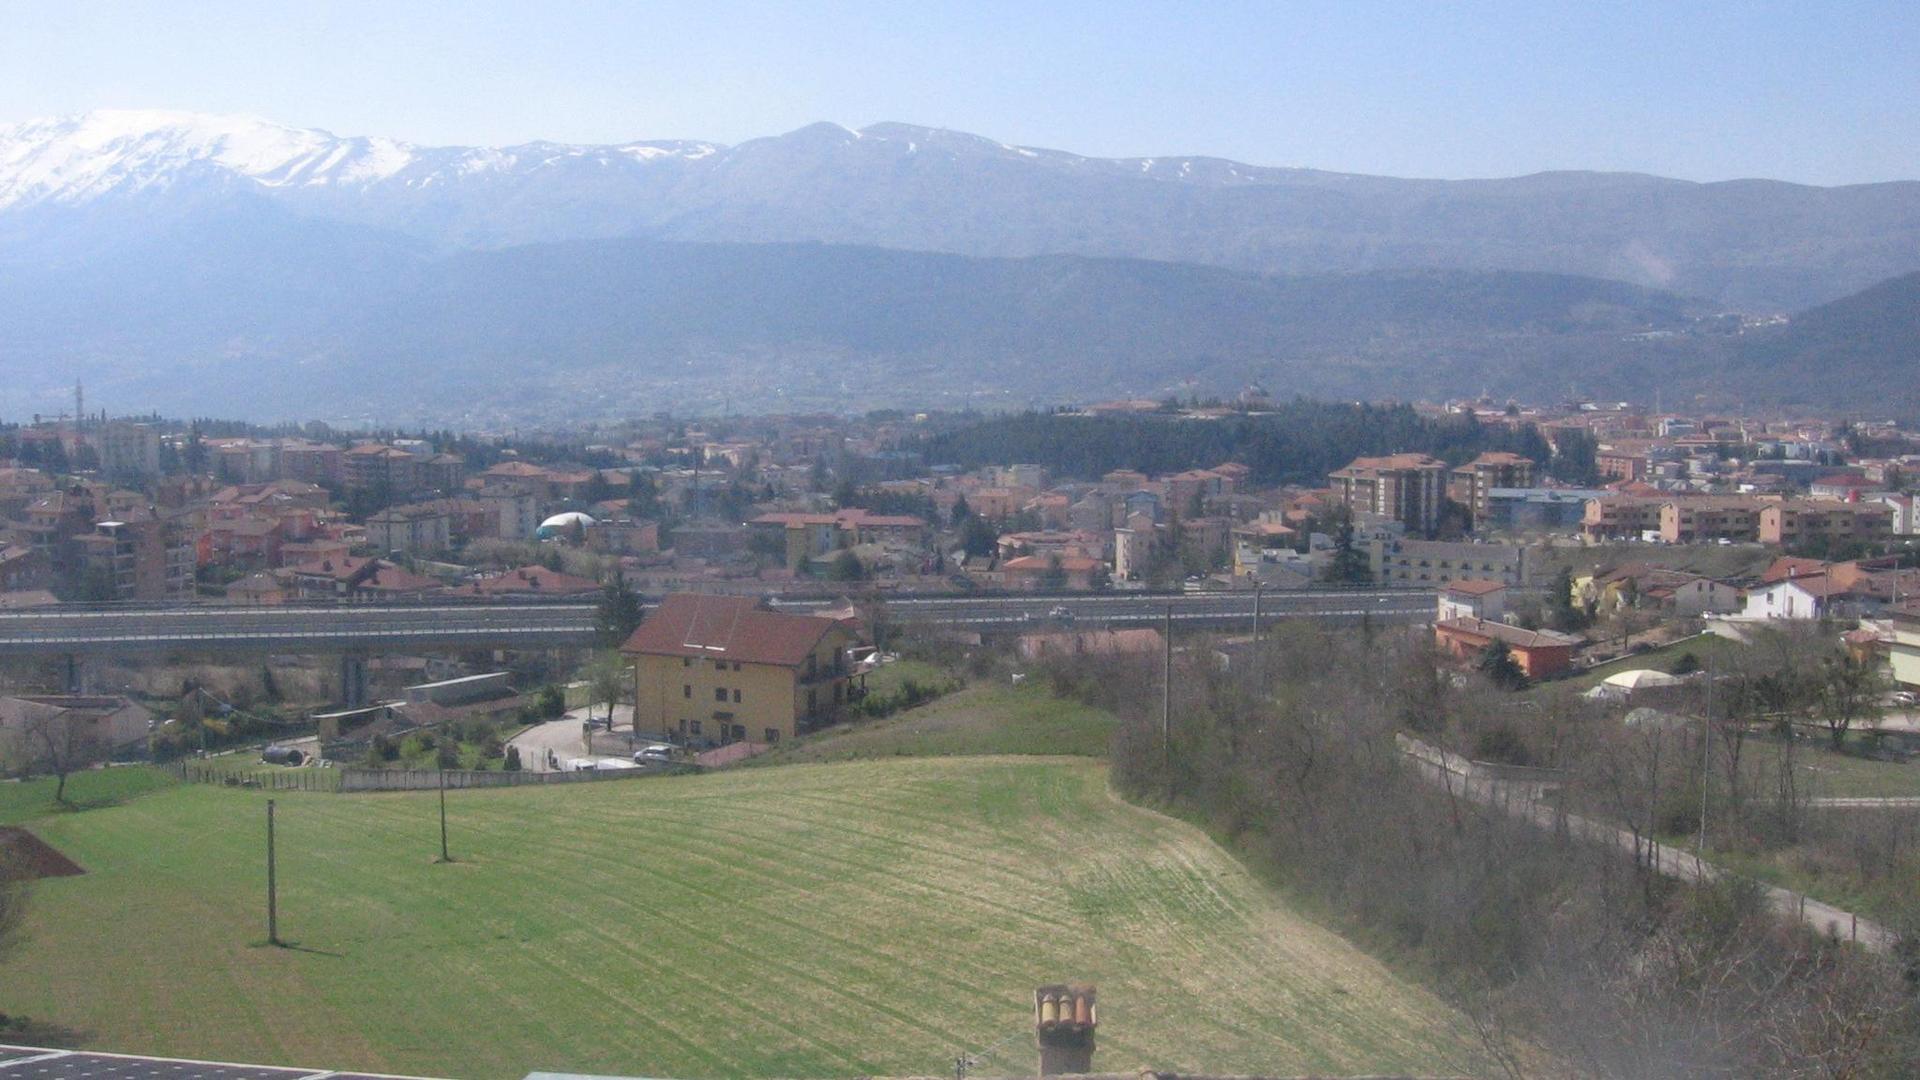 Webkamera L'Aquila: Panoramica da San Giacomo